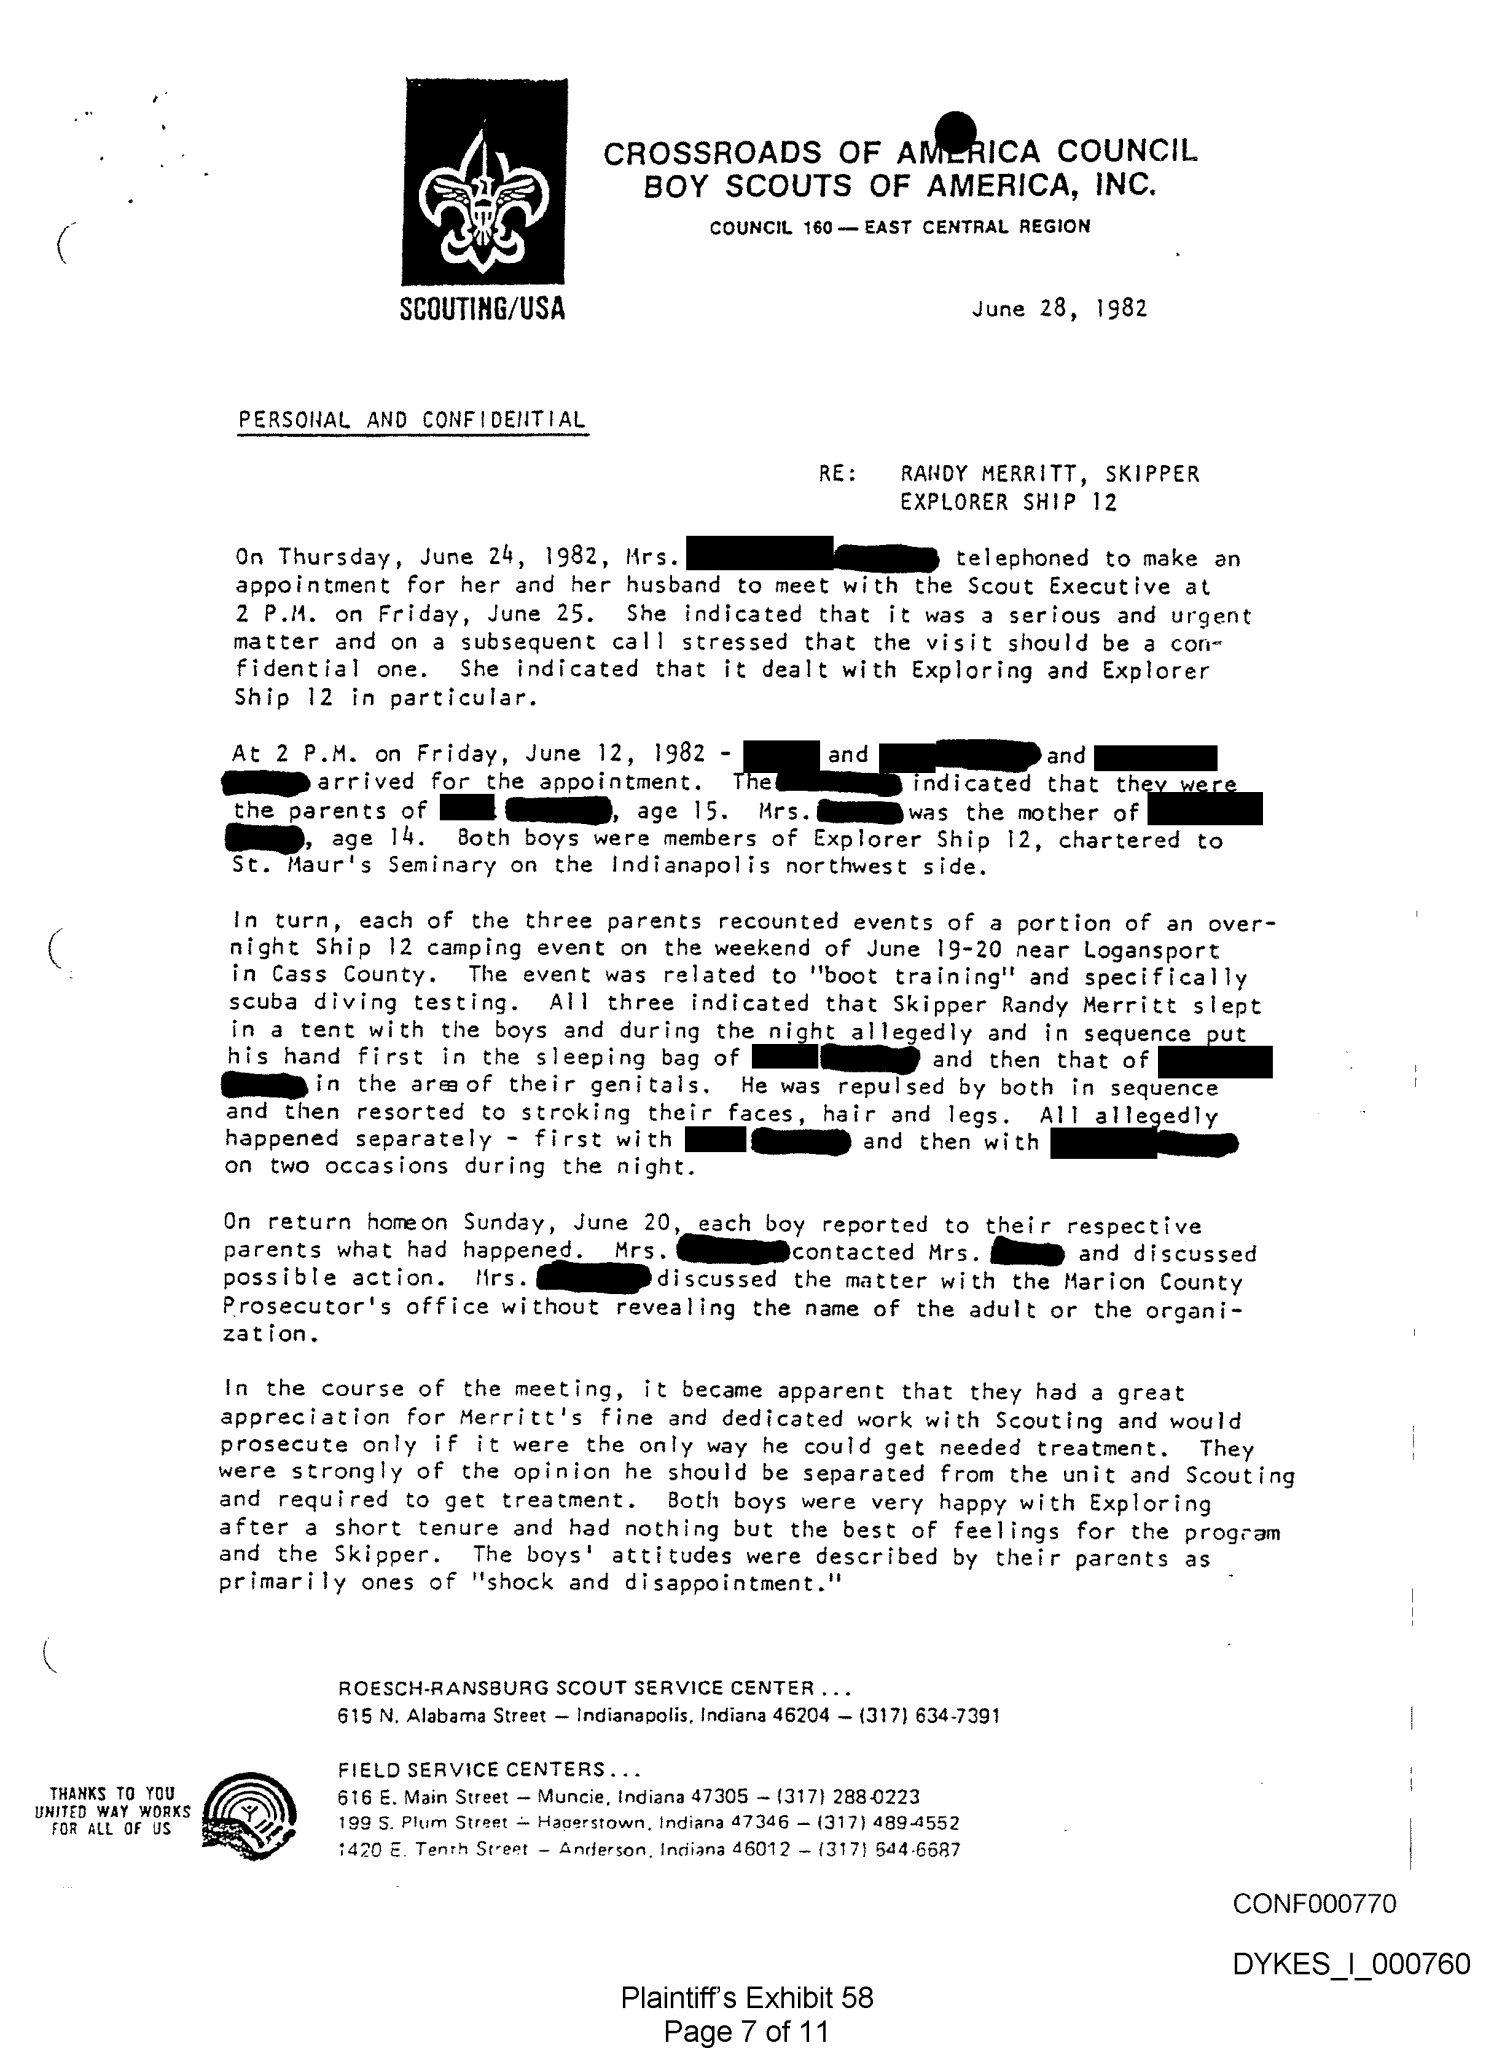 Merritt – Letter from BSA